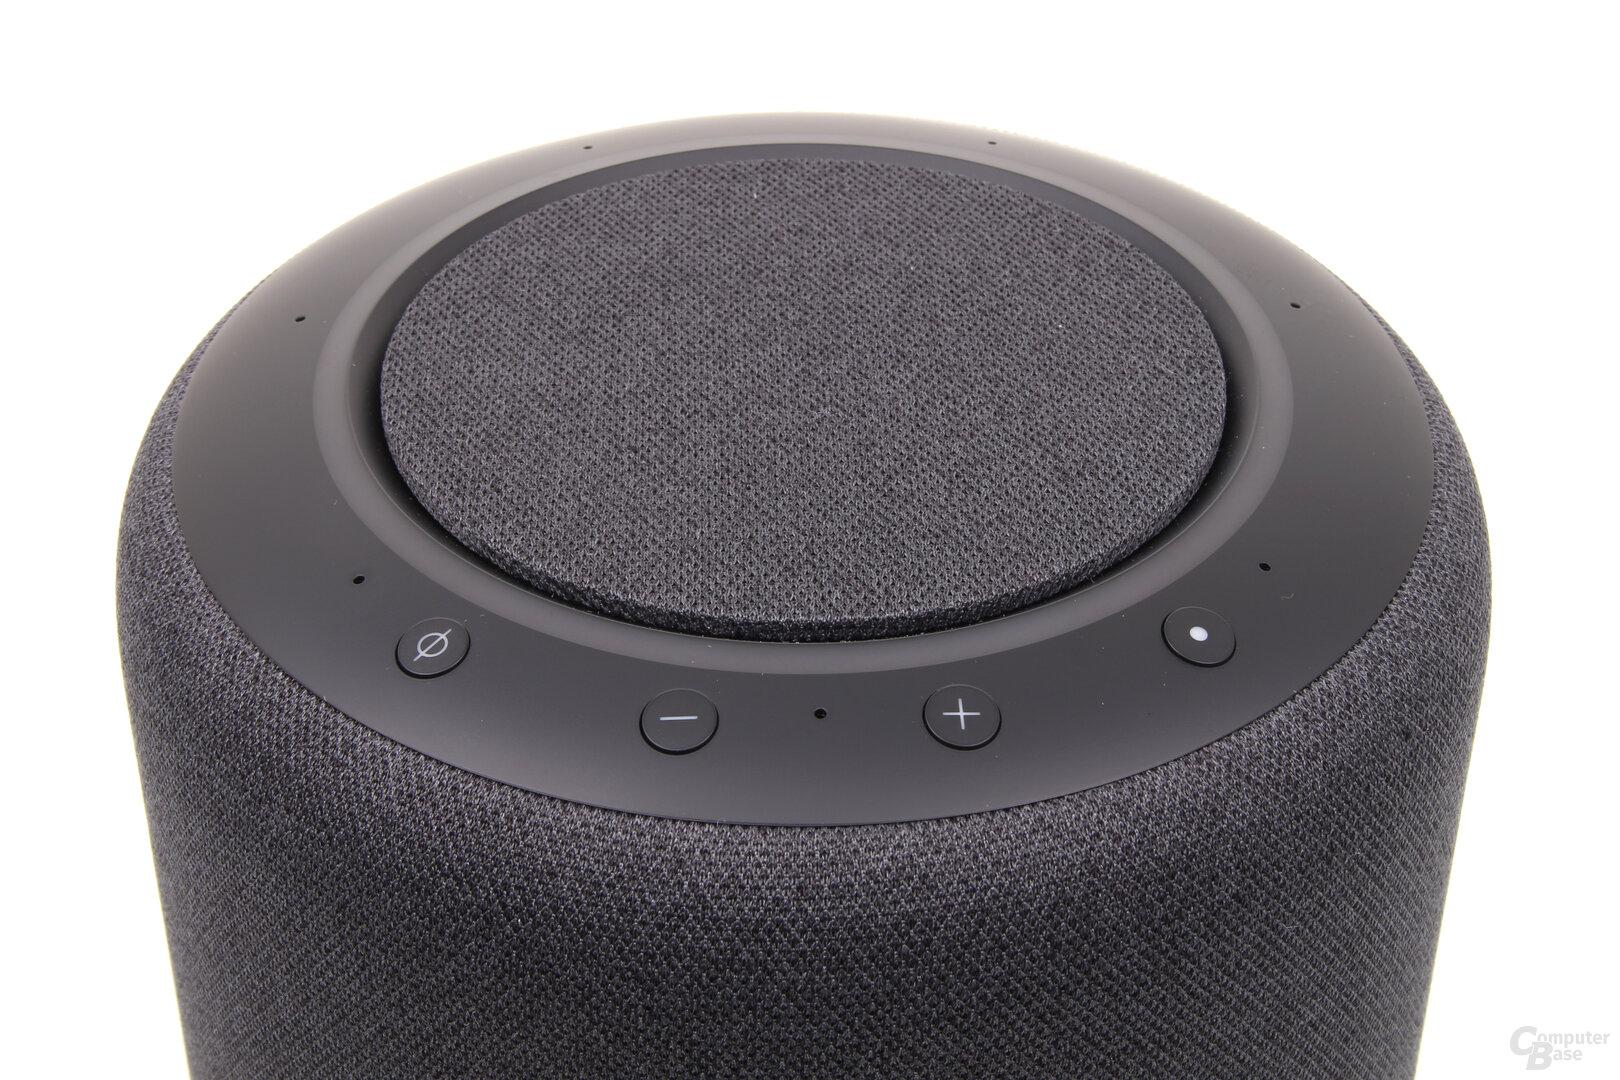 Amazon Echo Studio: Leuchtring und Bedienelemente an der Oberseite